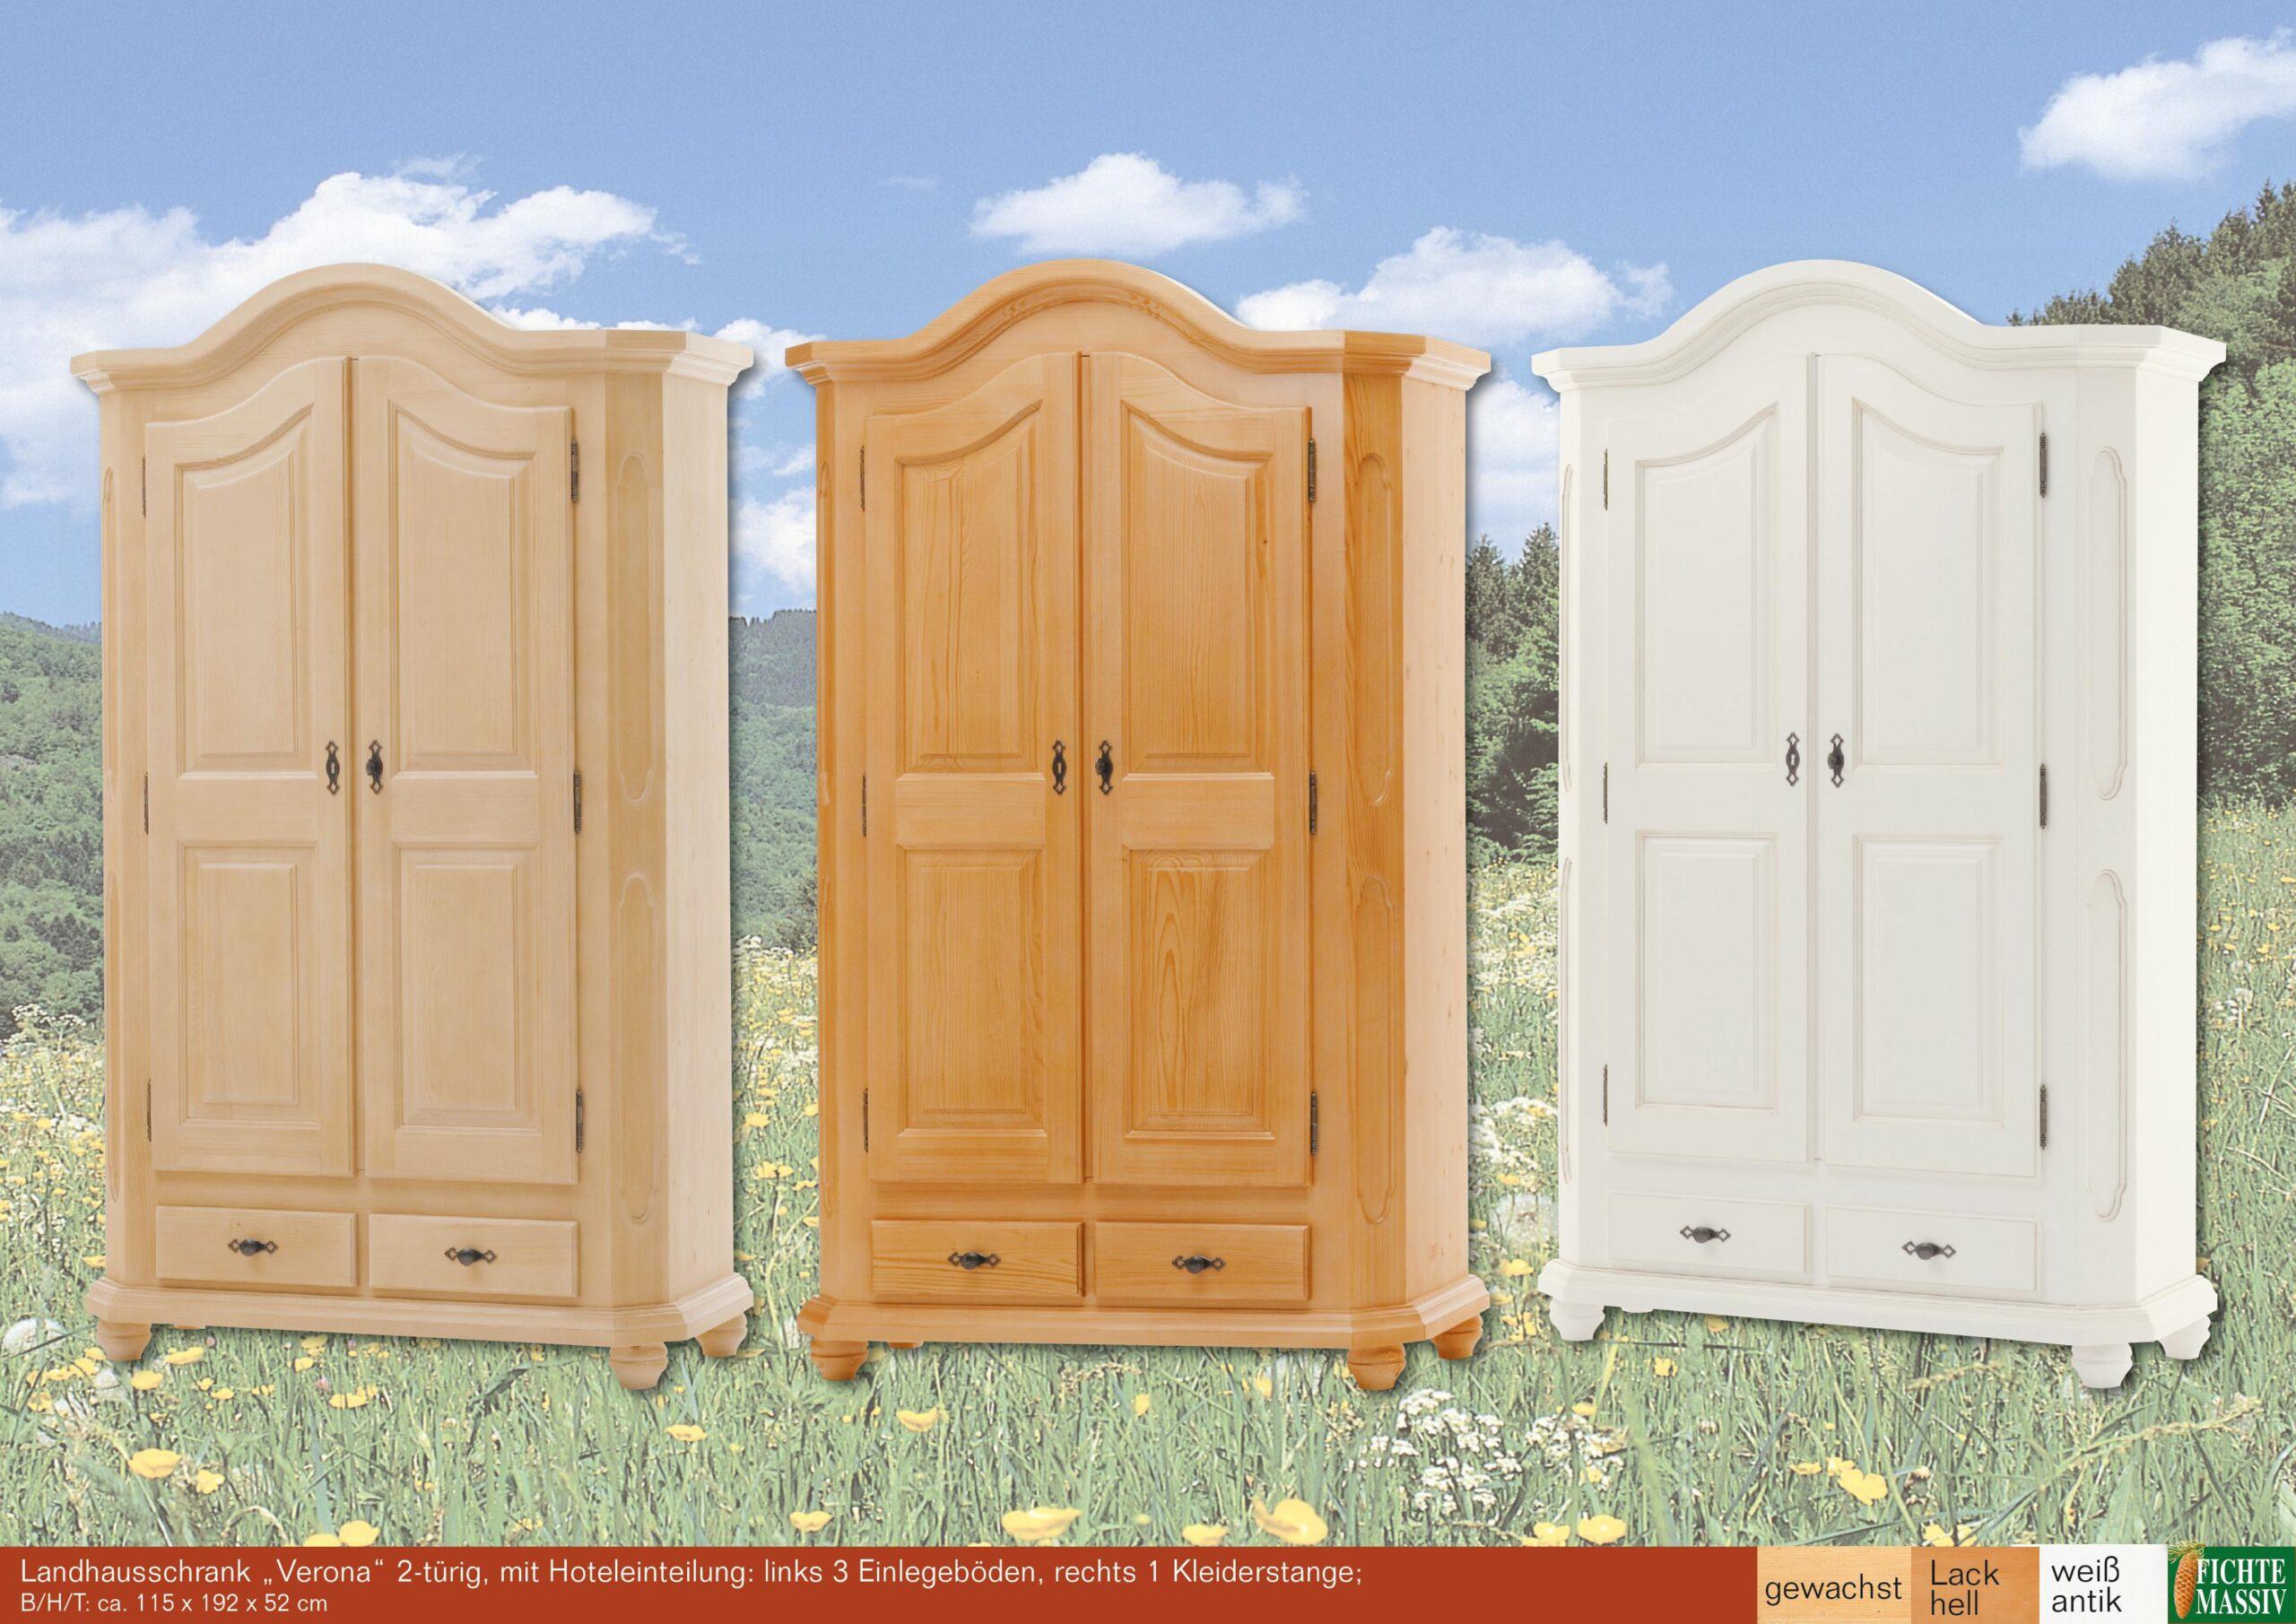 Full Size of Dielenschrank Weiß Aktiv Moebelde Kleiderschrank Schrank Verona Kleiner Esstisch Weißes Regal Bett 90x200 Landhausküche 120x200 Schweißausbrüche Wohnzimmer Dielenschrank Weiß